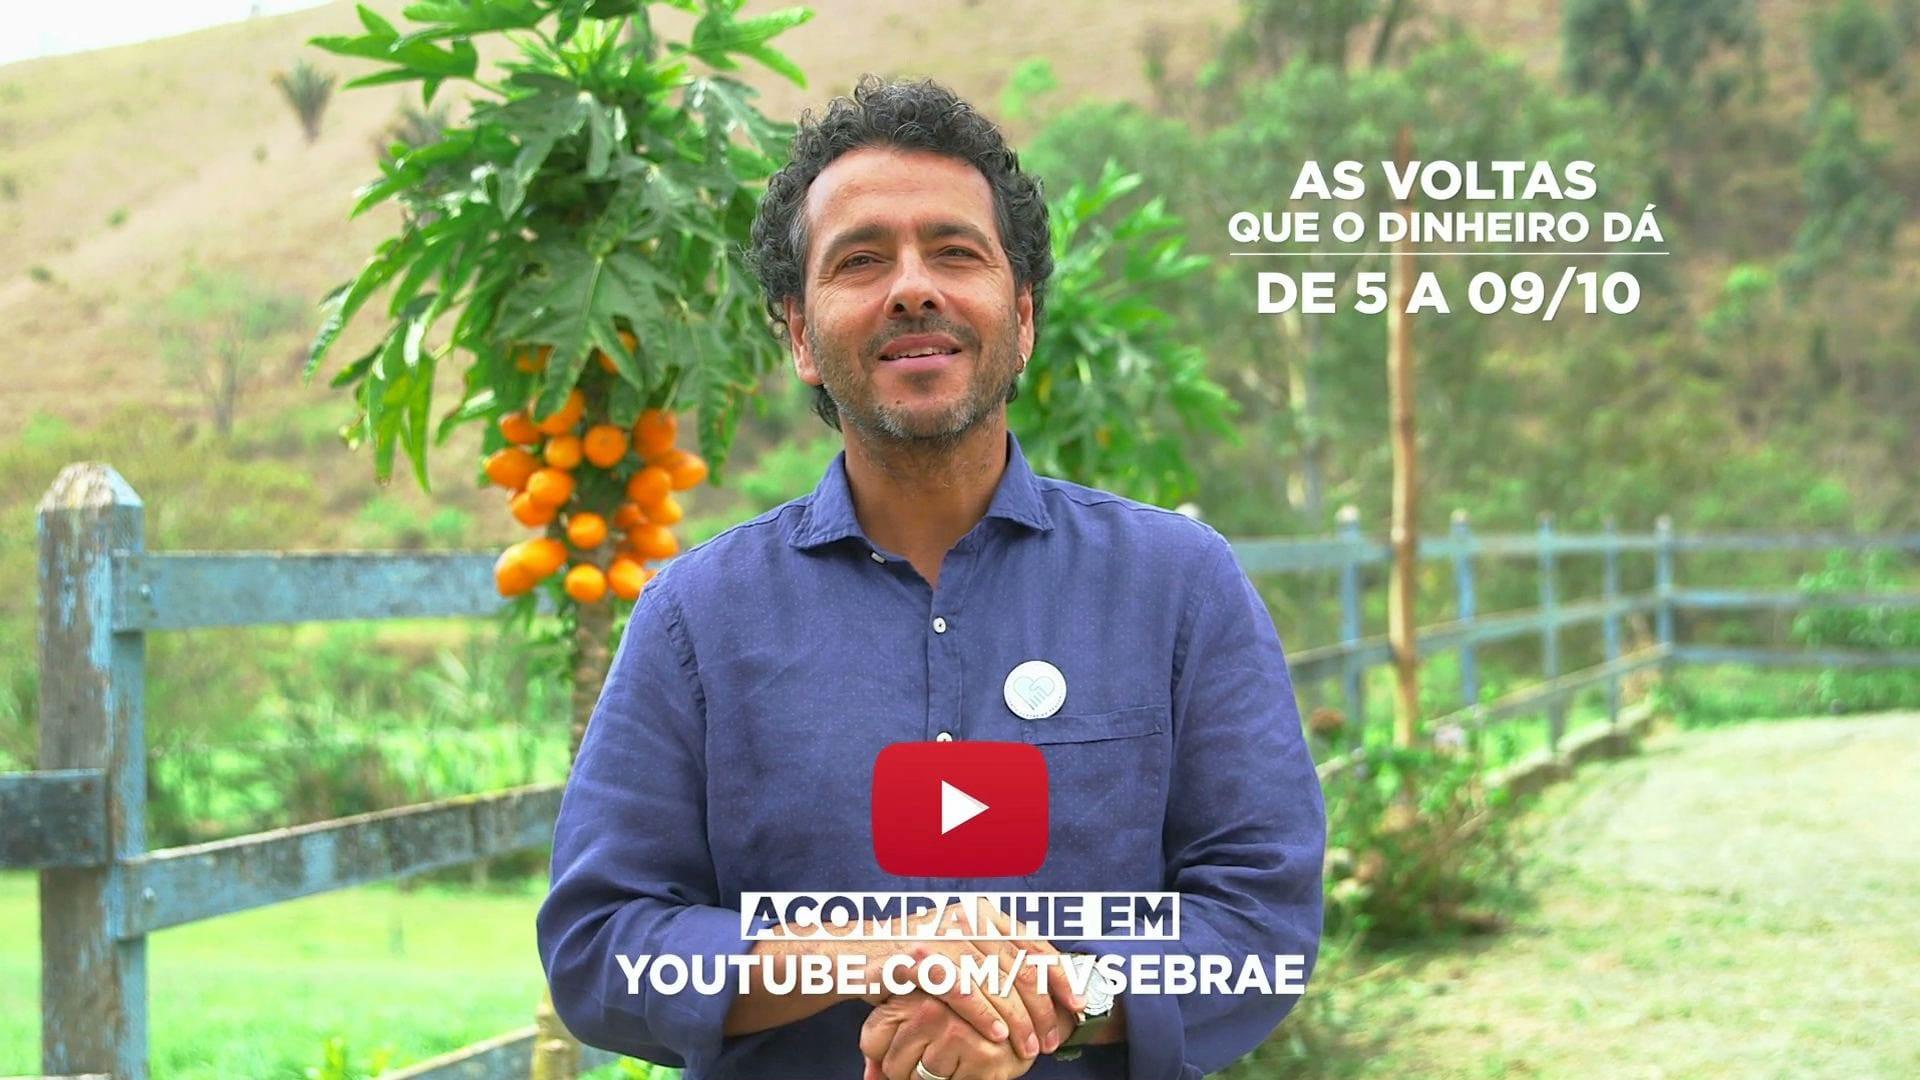 As voltas que o dinheiro dá, com Marcos Palmeira – Estreia 05/10